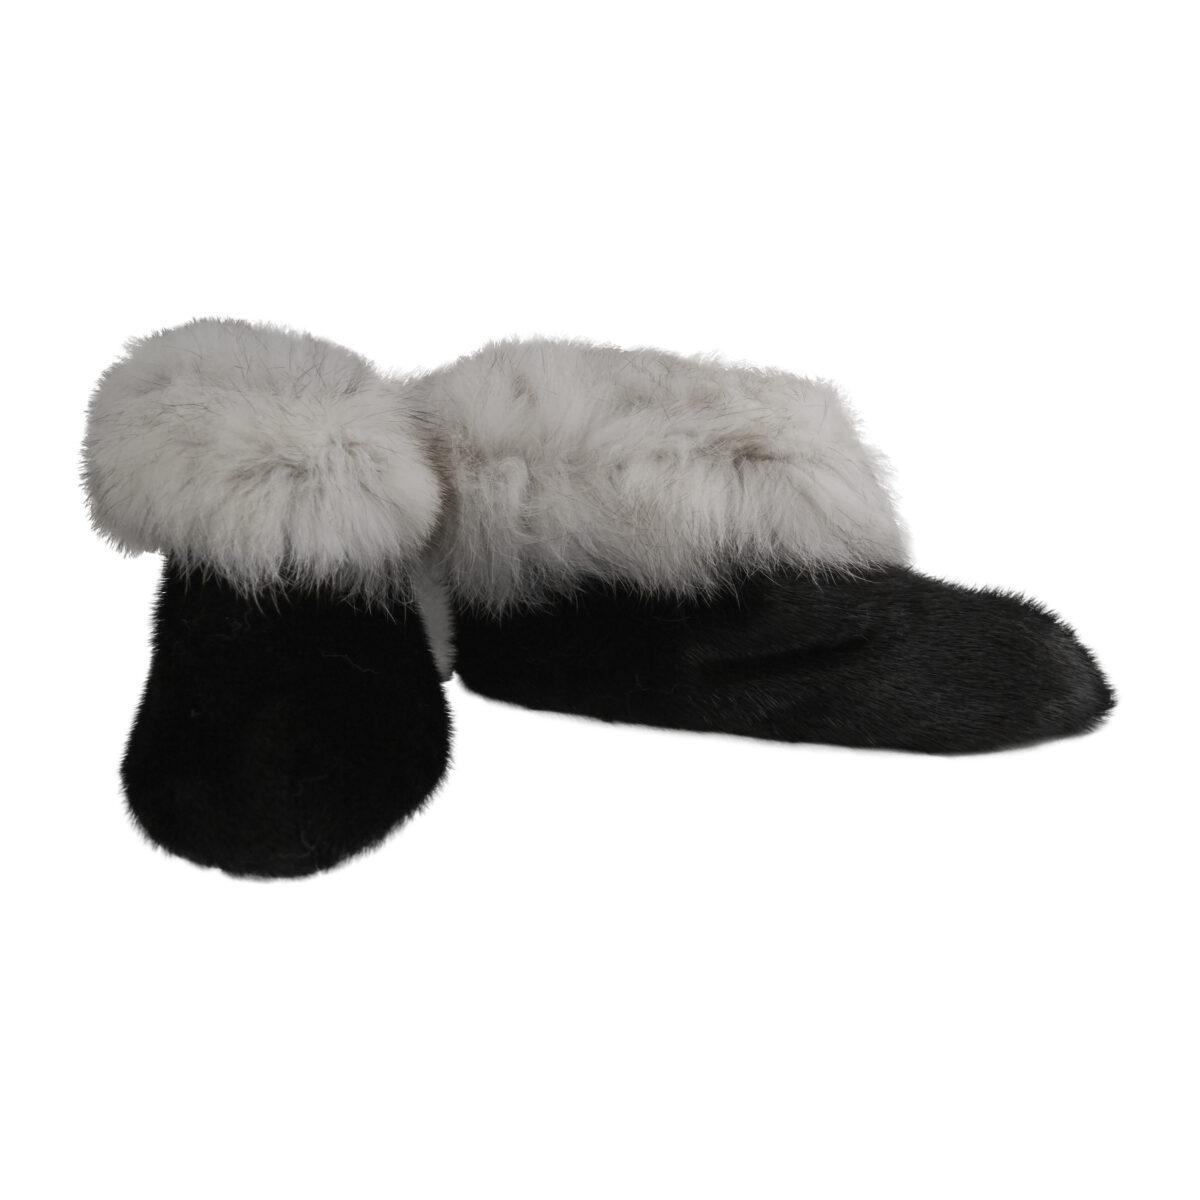 Hjemmesko i sort sælskind og hvid polarræv